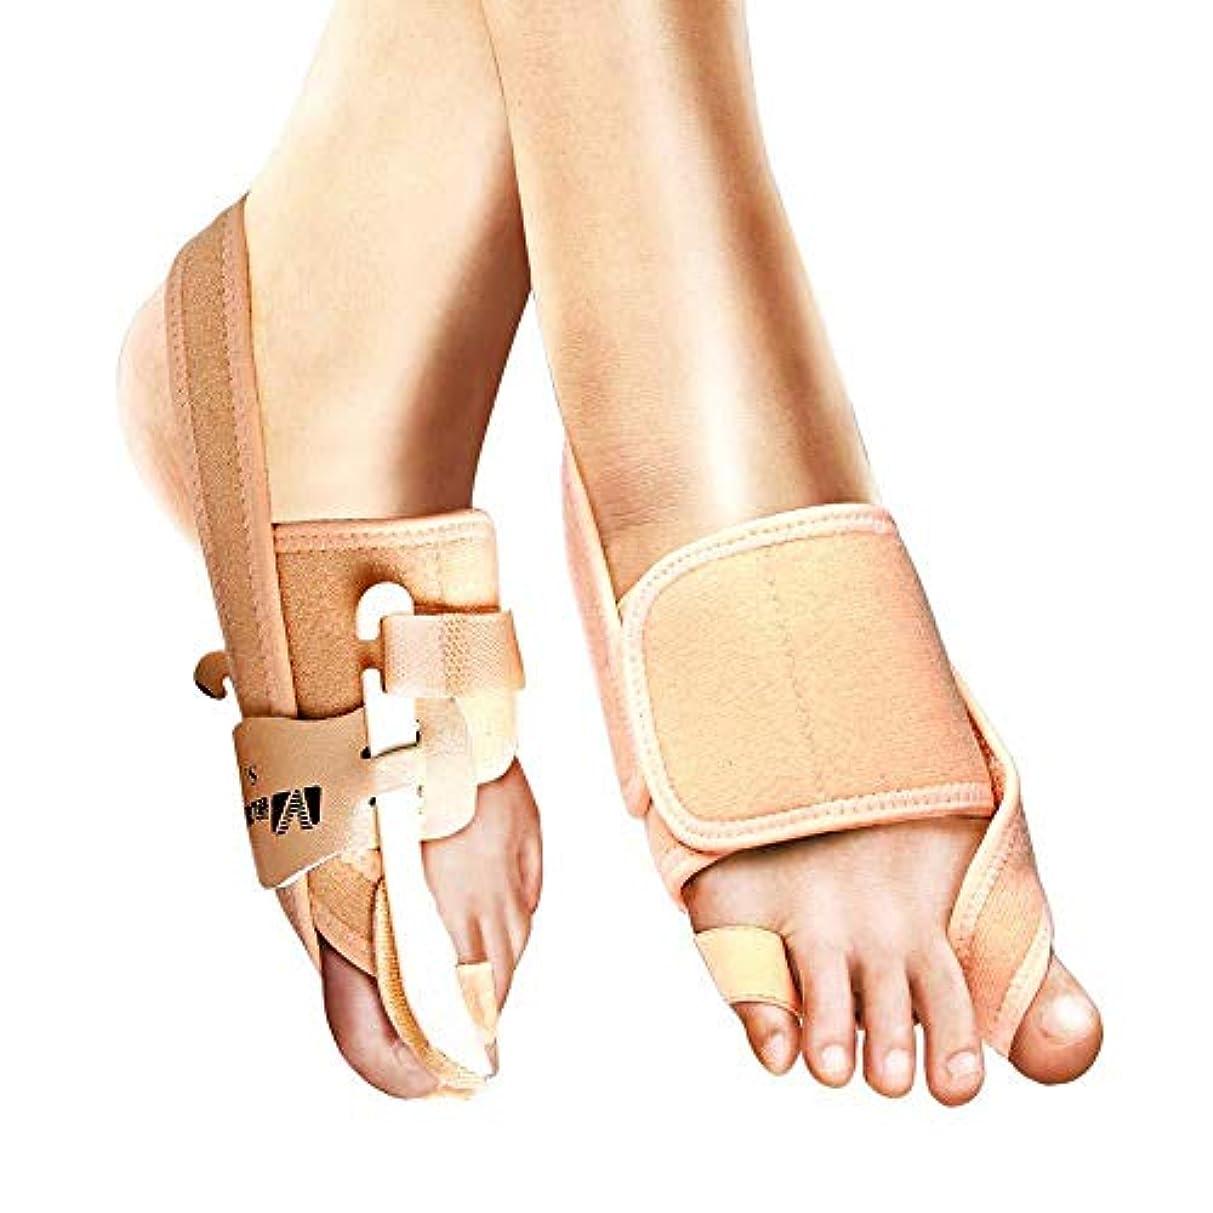 ジーンズ世界の窓デュアル外反母for用の足の親指の矯正、男性と女性用の昼と夜のキット、痛みを和らげるジェルつま先セパレータ,RightFoot-22-24cm